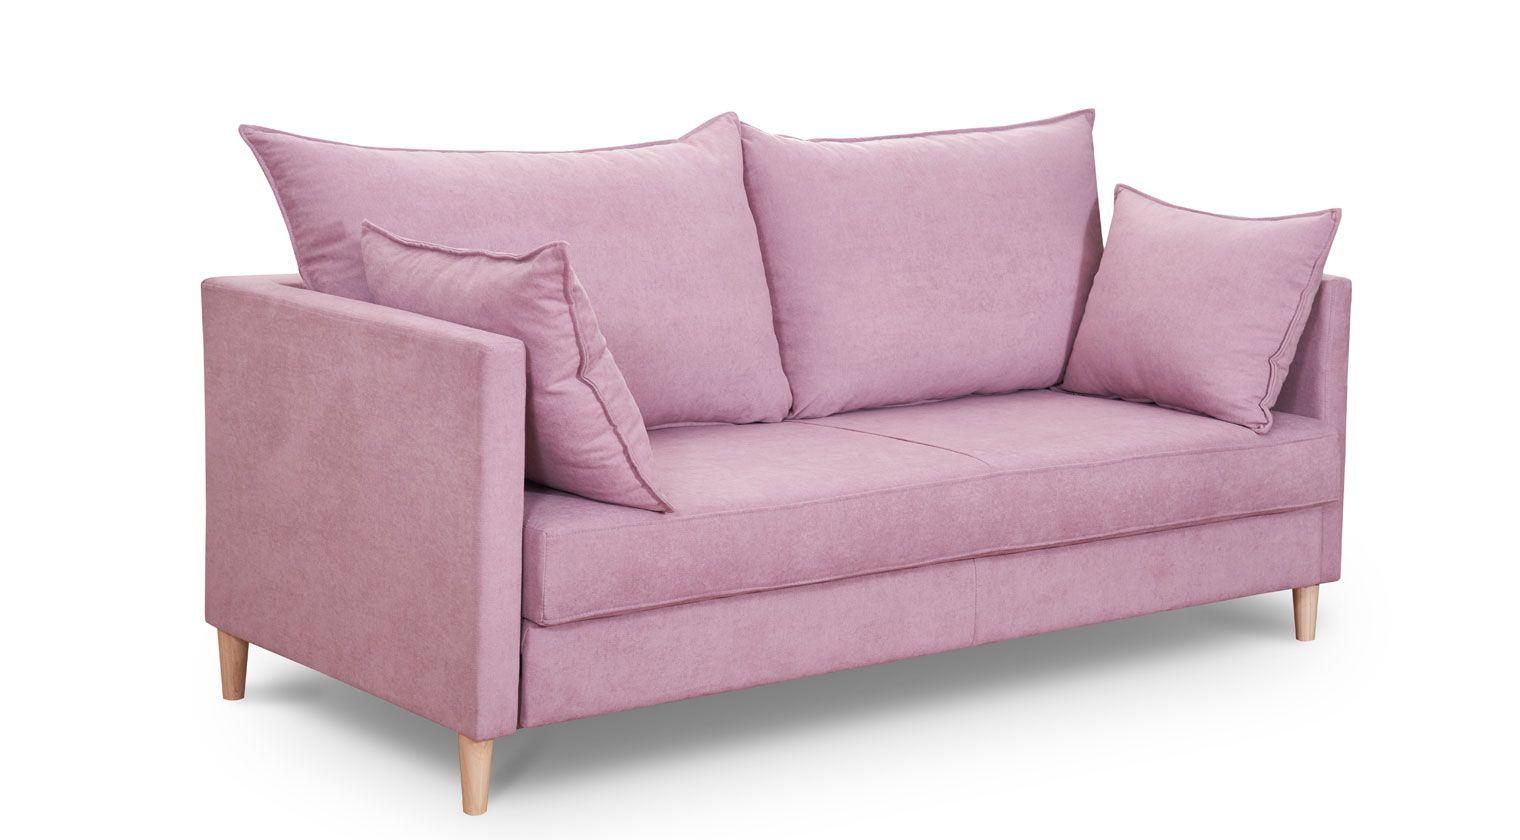 Comprar sof vulcano sof 3 plazas 3 respaldos microfibra for Sofas baratos alicante